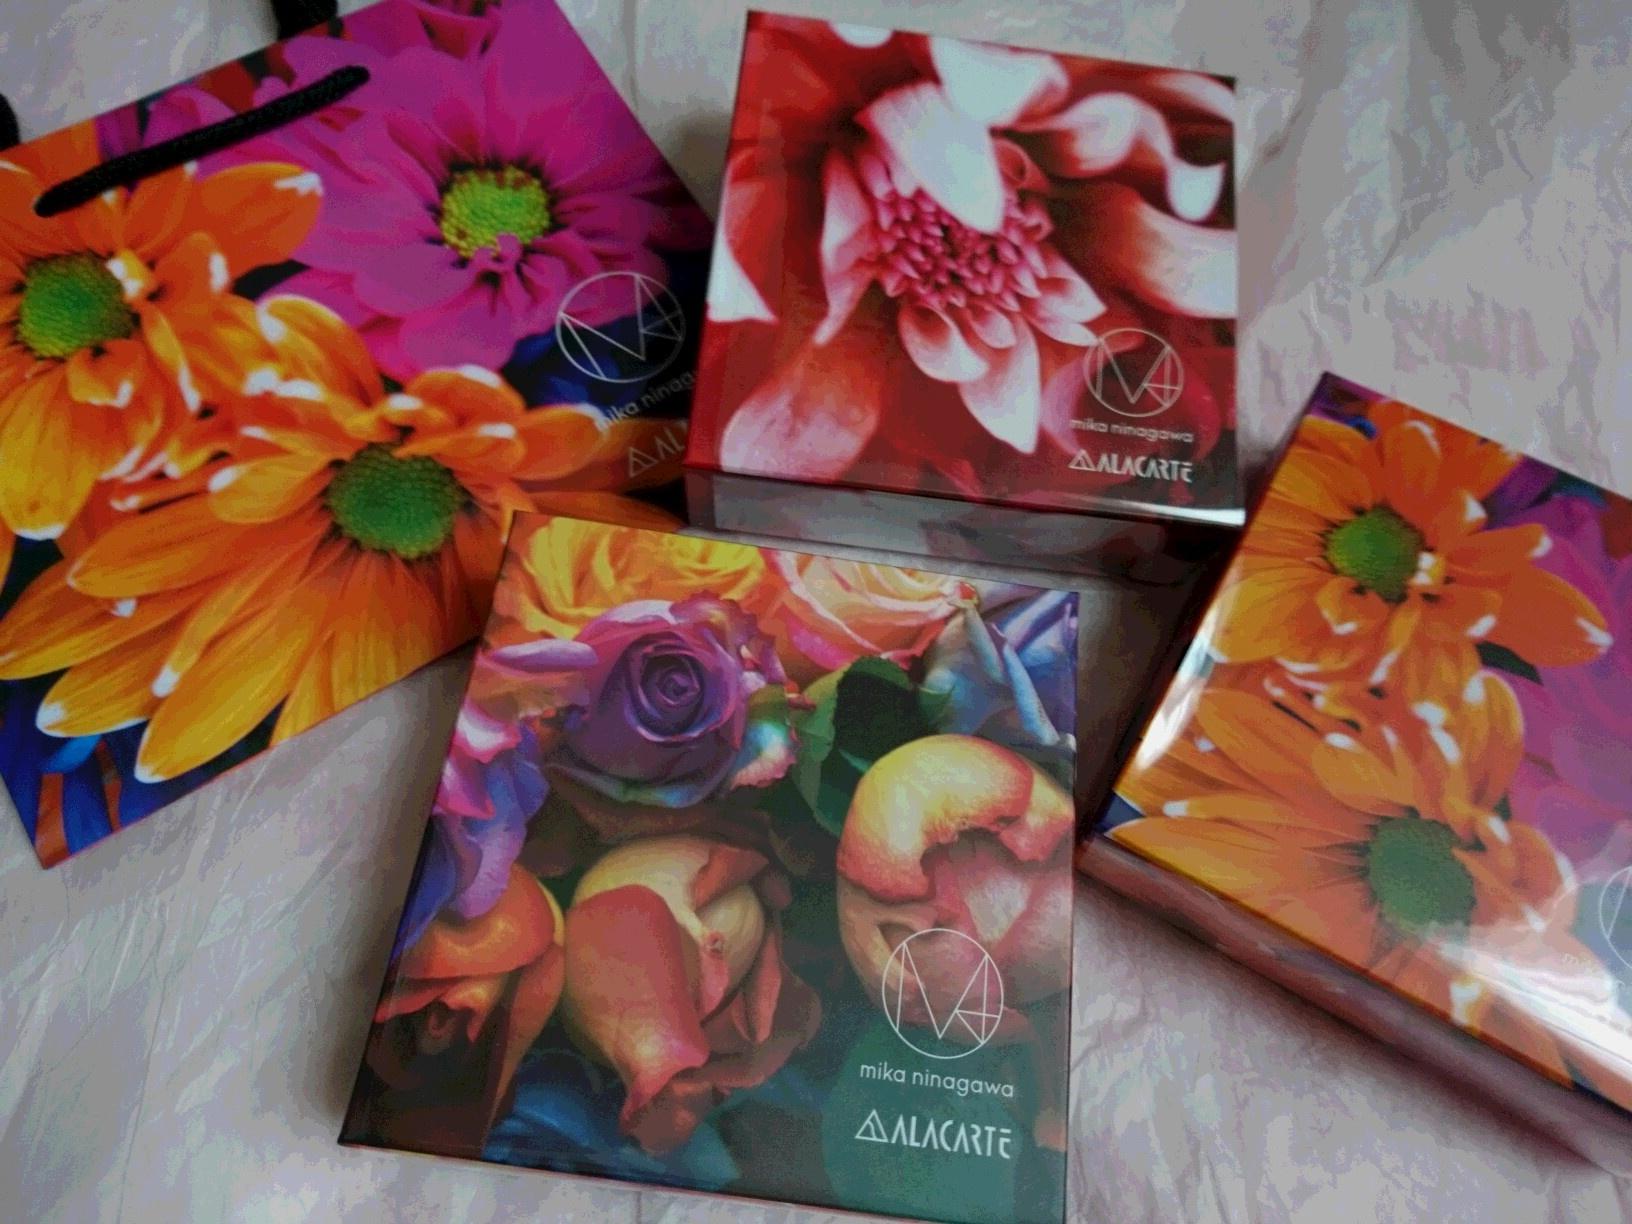 自分用バレンタインチョコは…蜷川実花さんコラボ・スペシャルパッケージのALACARTEチョコ♡_1